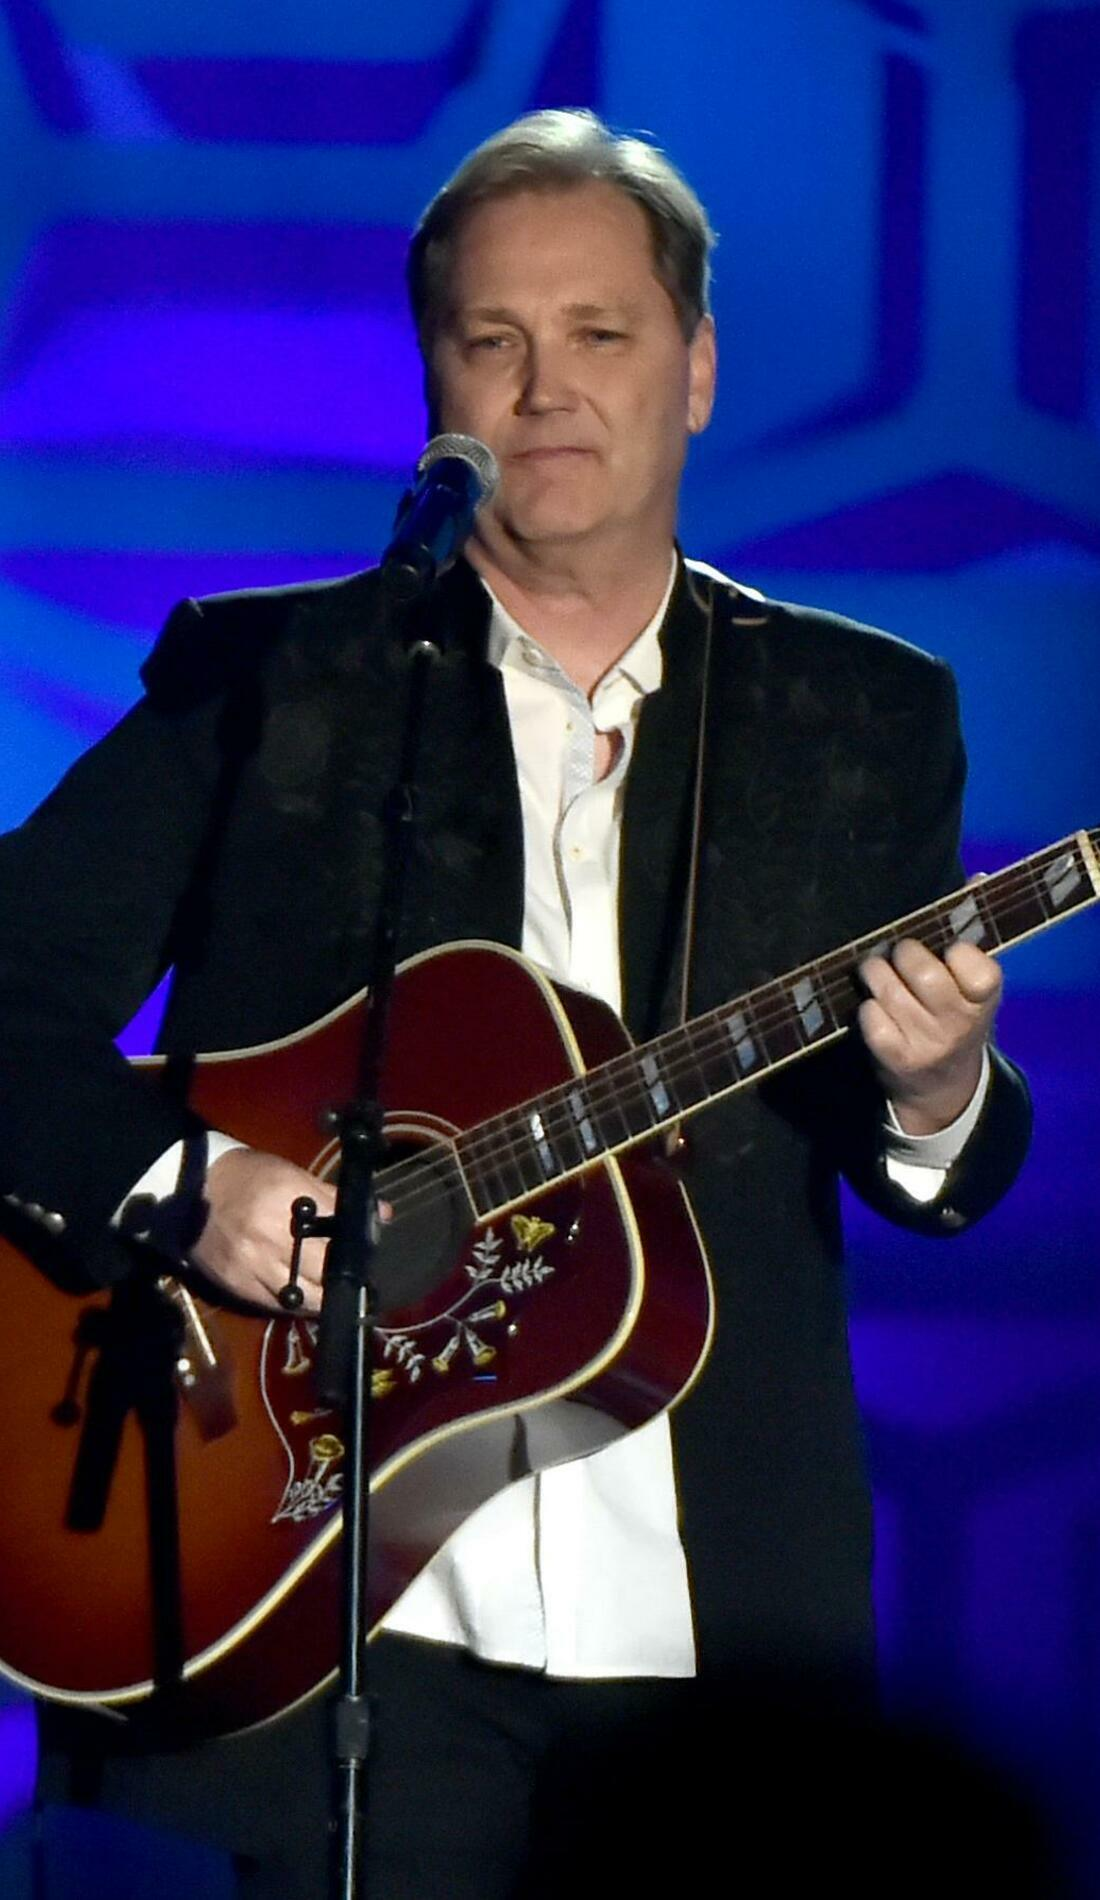 A Steve Wariner live event